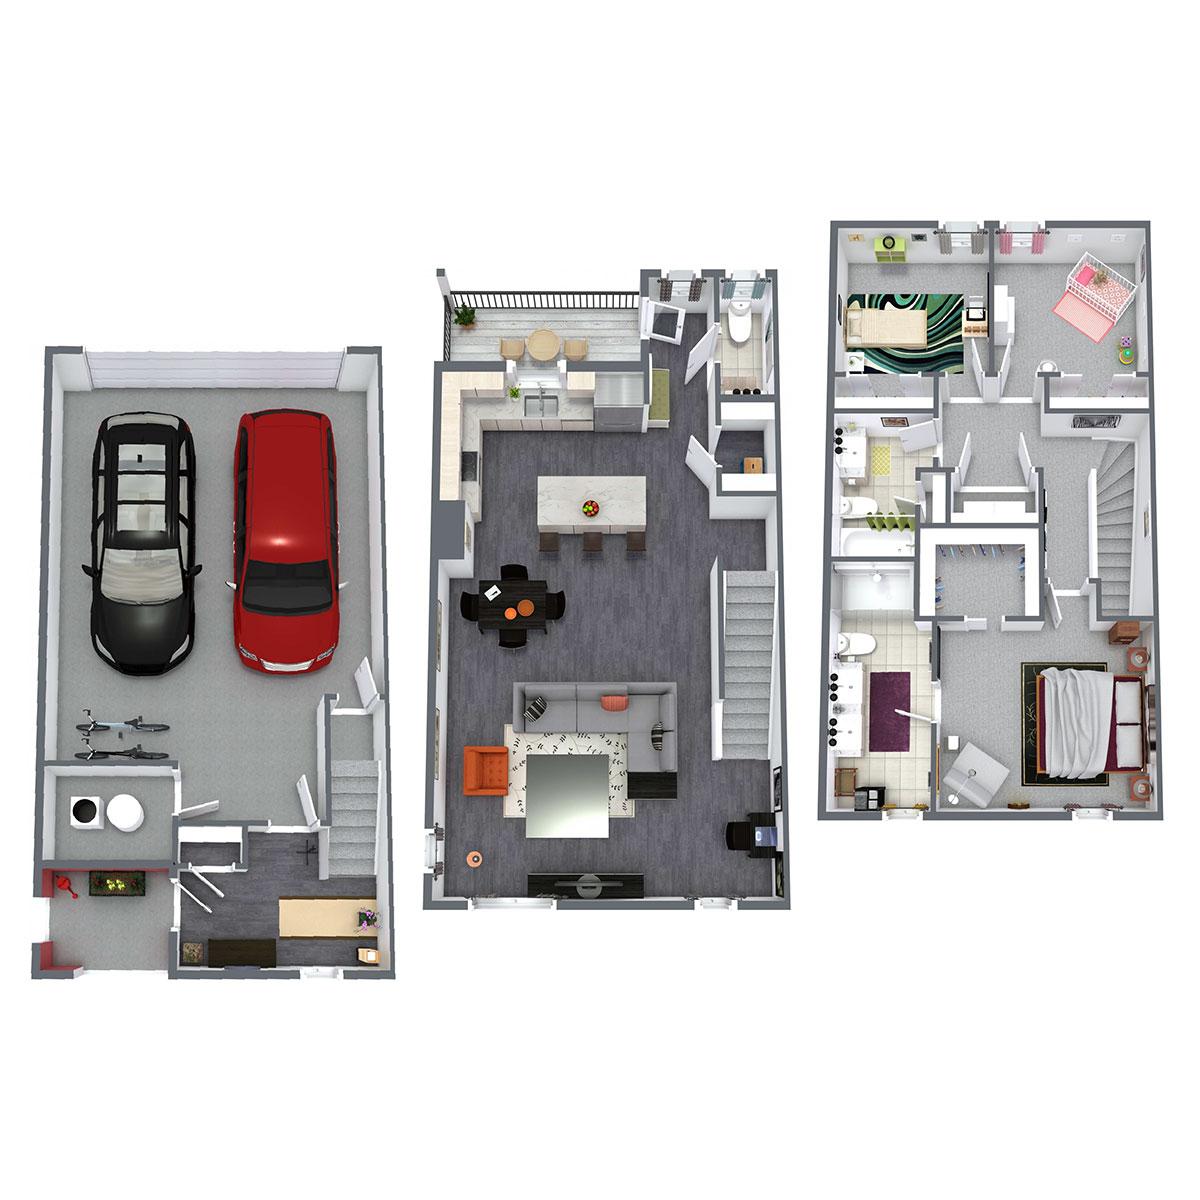 Floorplan - Juniper - 3 Bedroom image